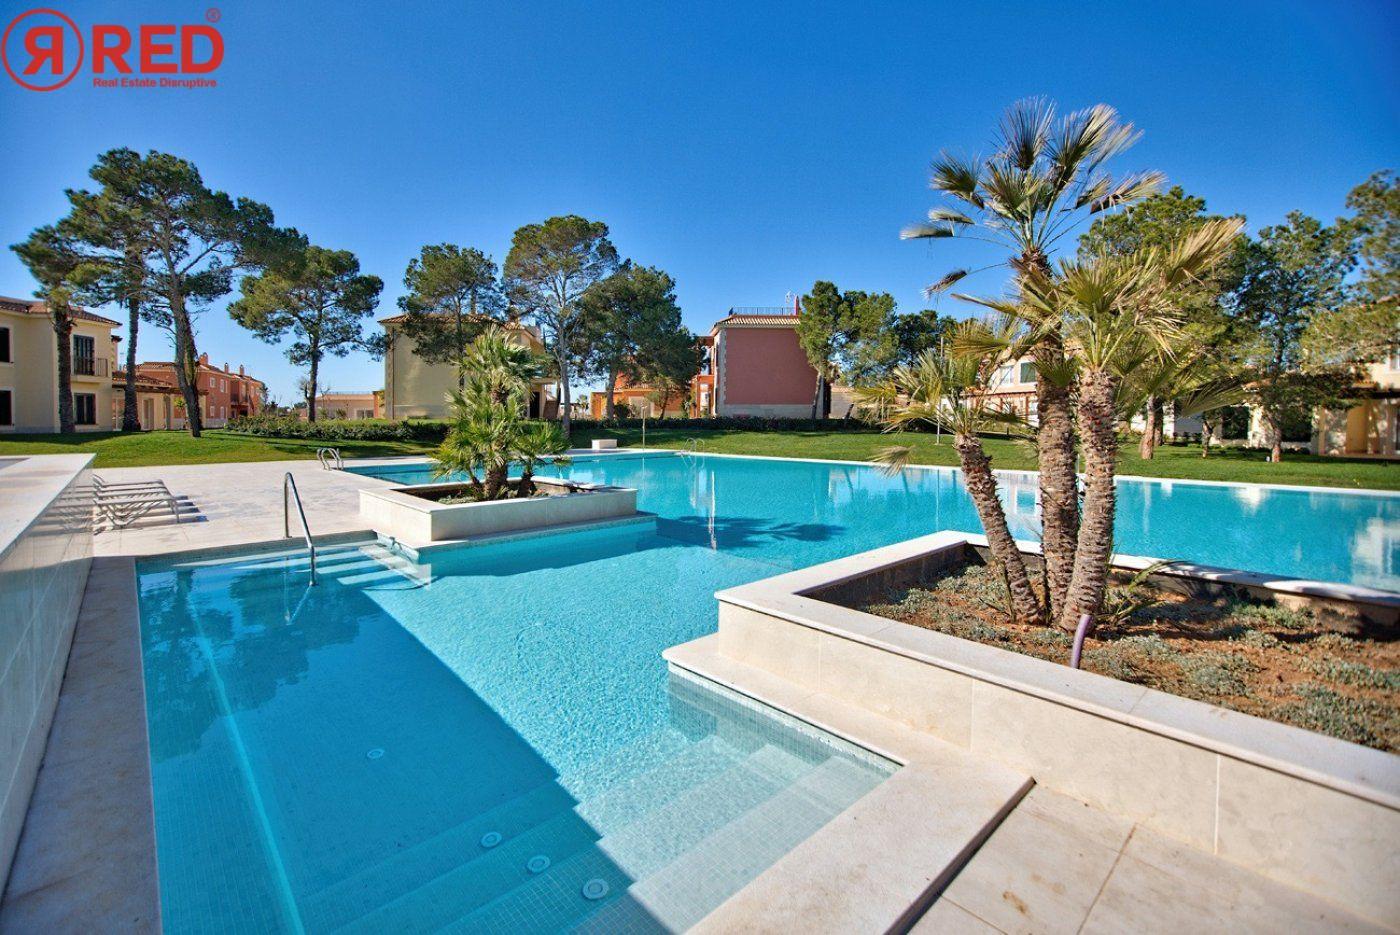 Se vende exclusivas viviendas de lujo en mallorca - imagenInmueble33